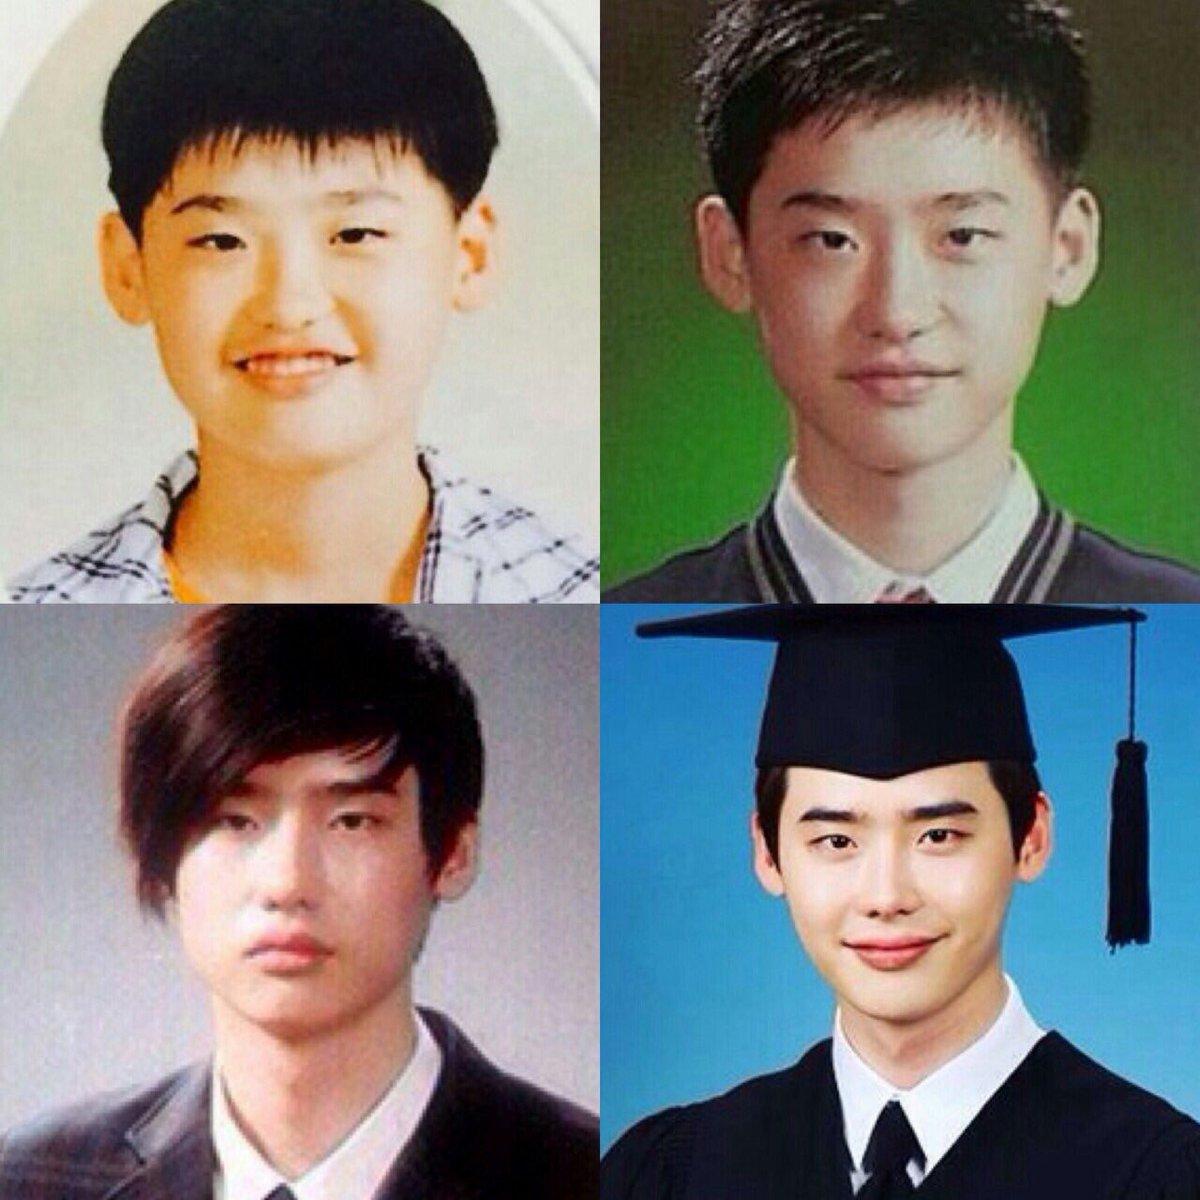 Imagini pentru lee jong suk graduation